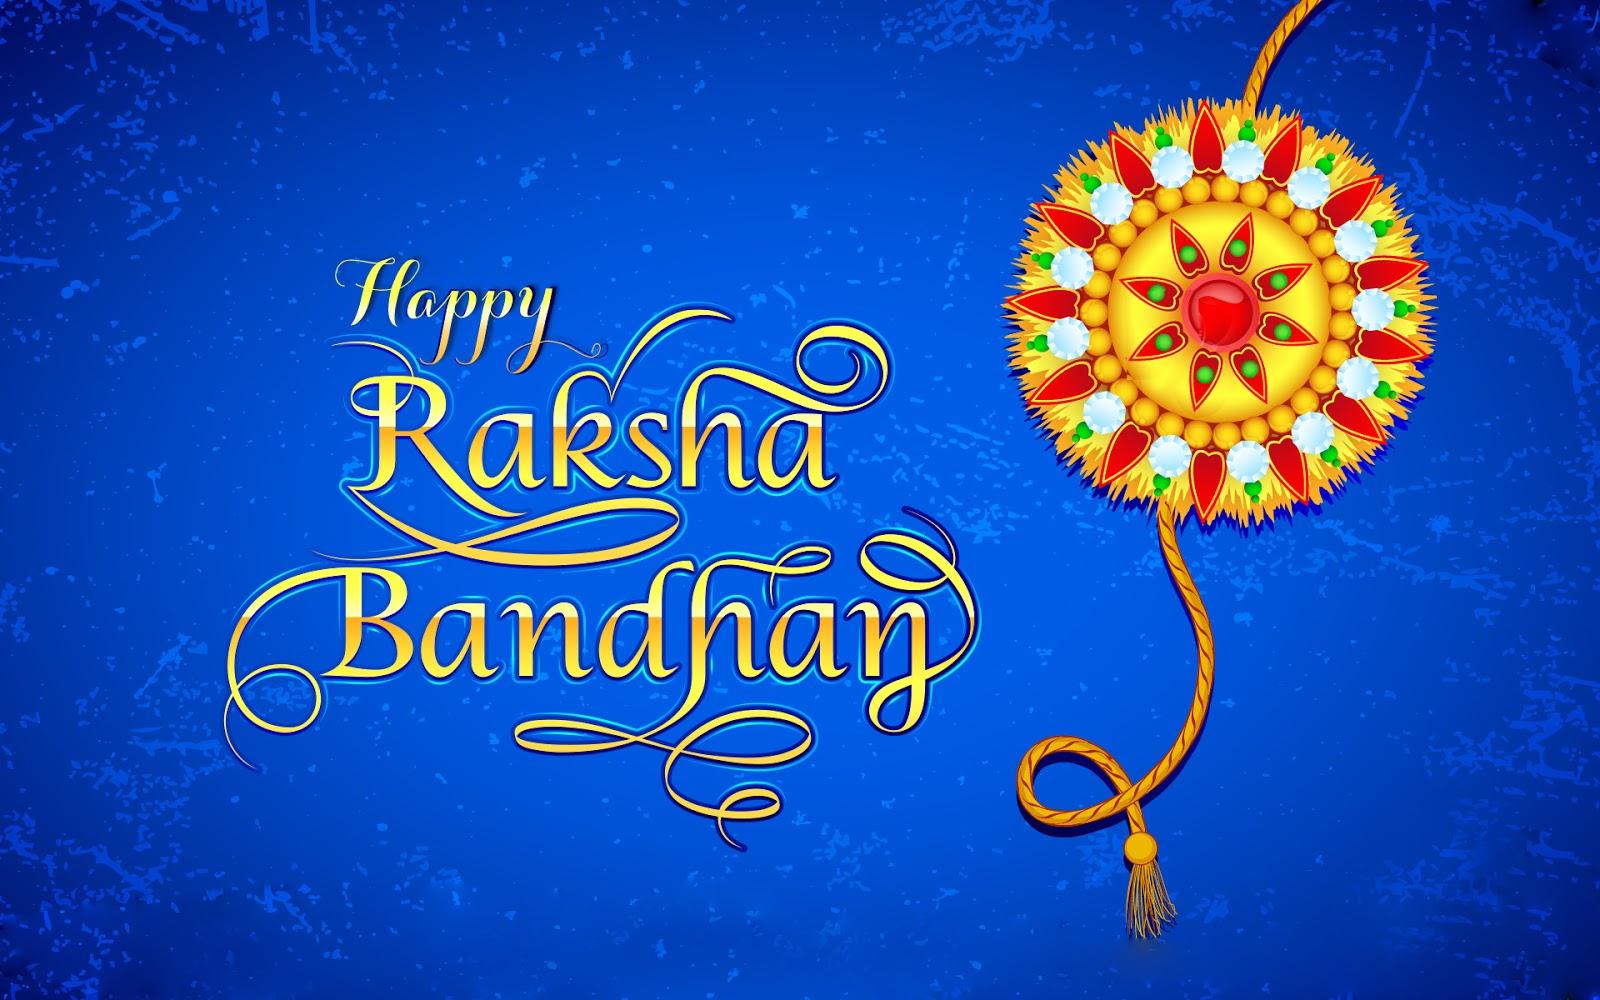 Raksha Bandhan Quotes Hd Images